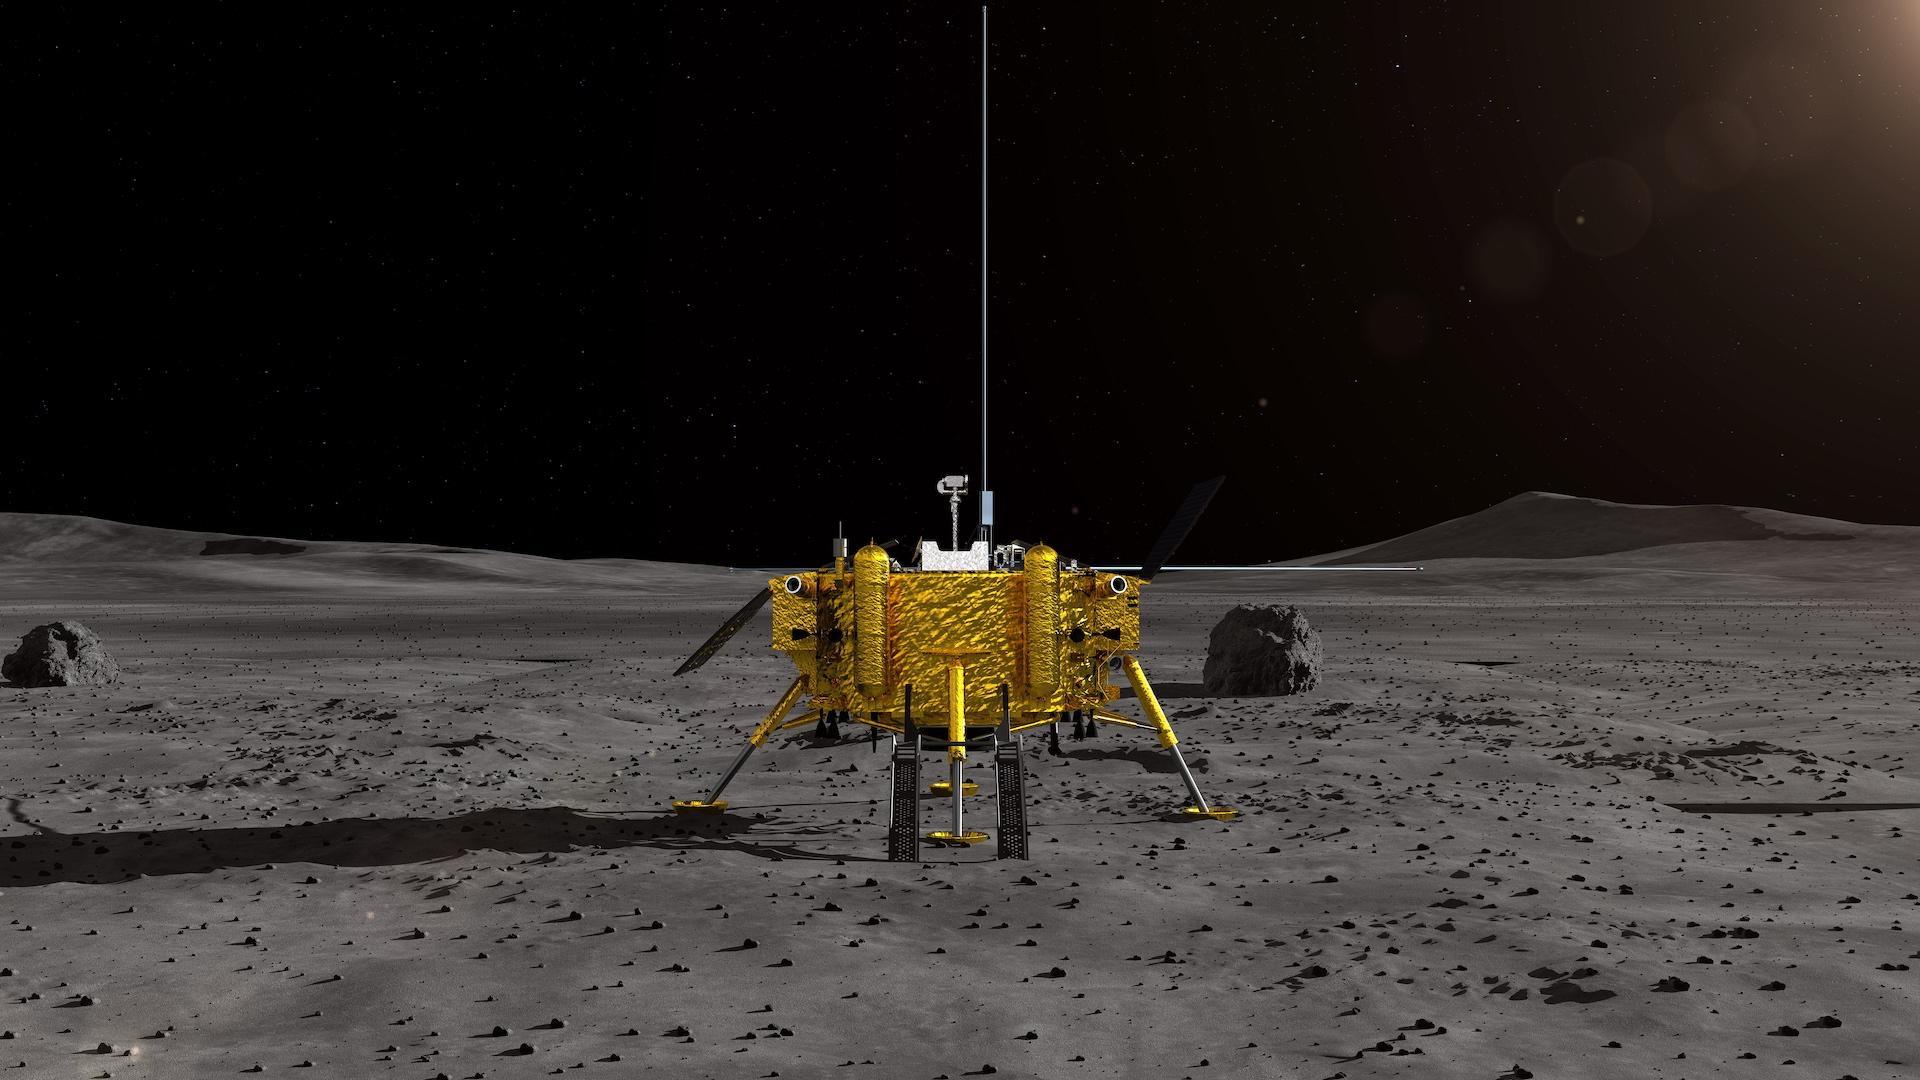 Čínská sonda Čchang-e 4 přistála jako první na odvrácené straně Měsíce.  Ambice Číny jsou však daleko větší - CzechCrunch